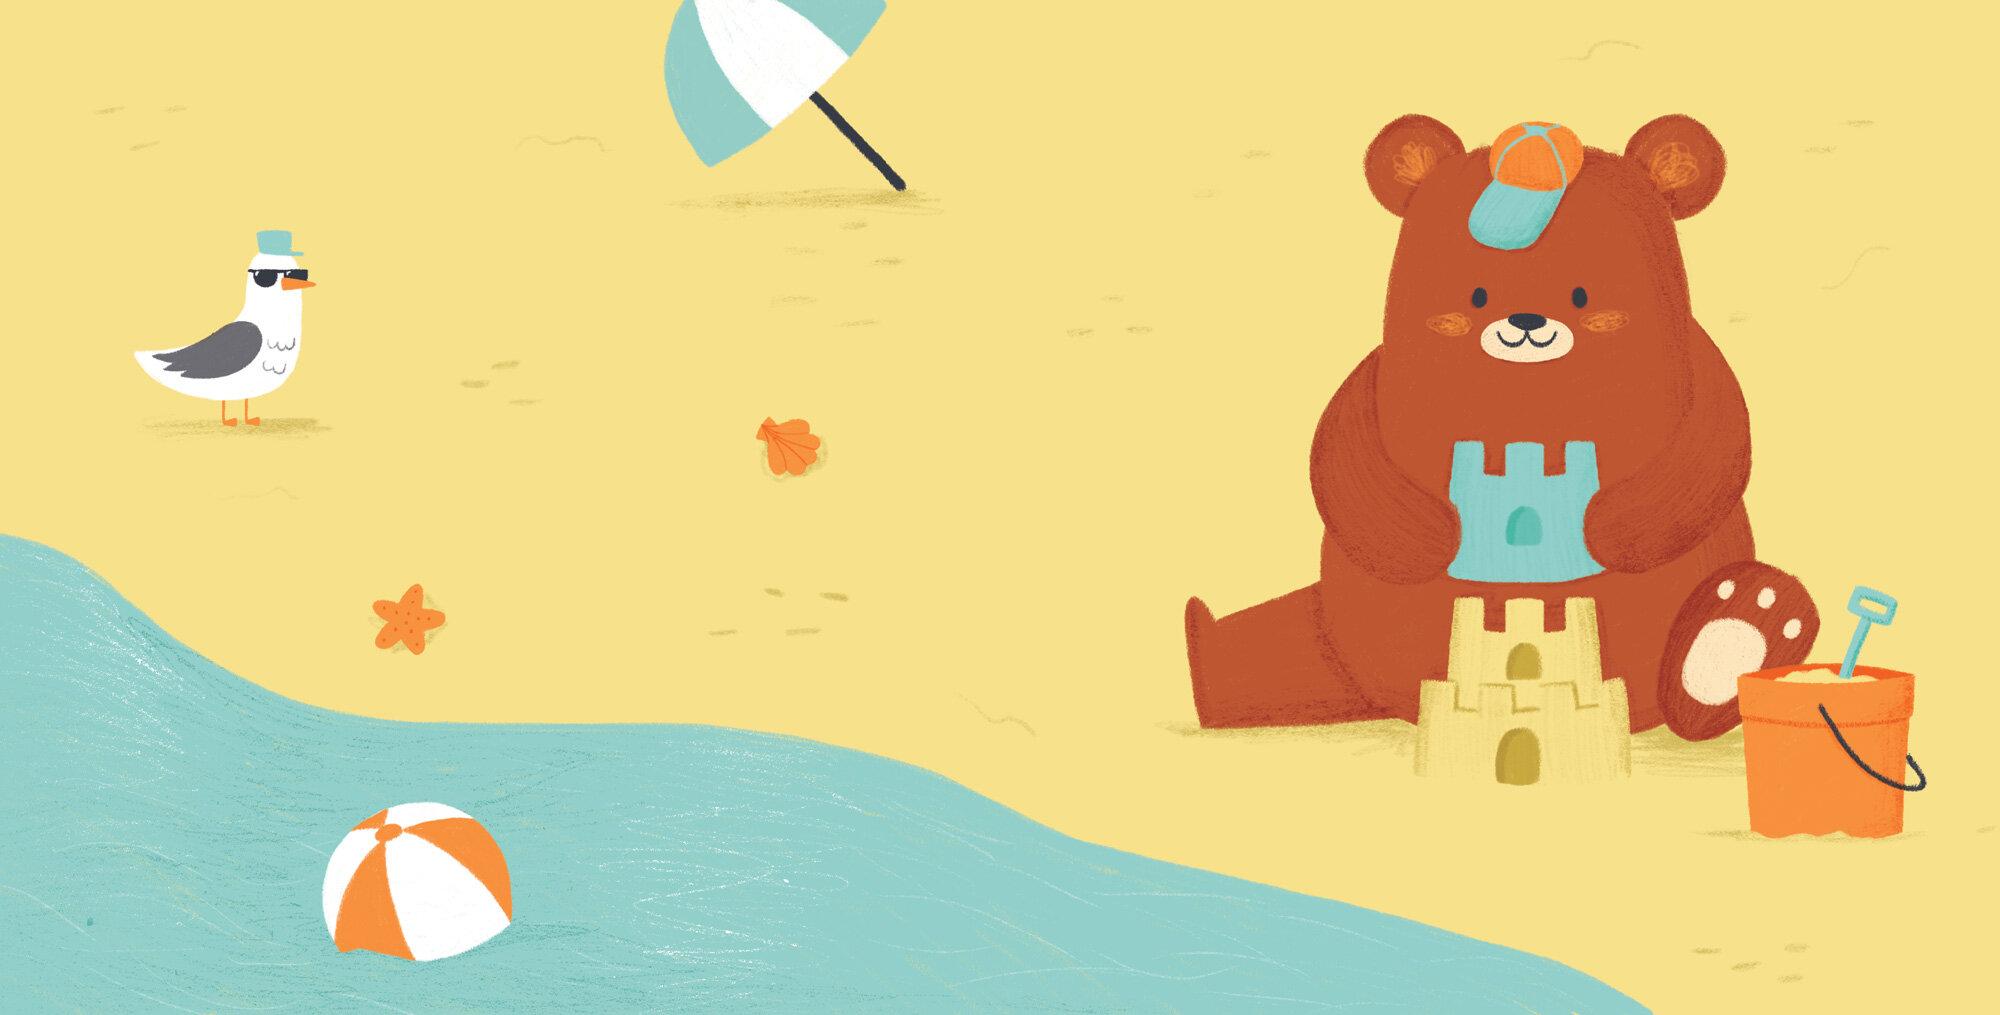 Board_book_project_Illustration sample_ElsaMartins_somebodyelsa_.jpg